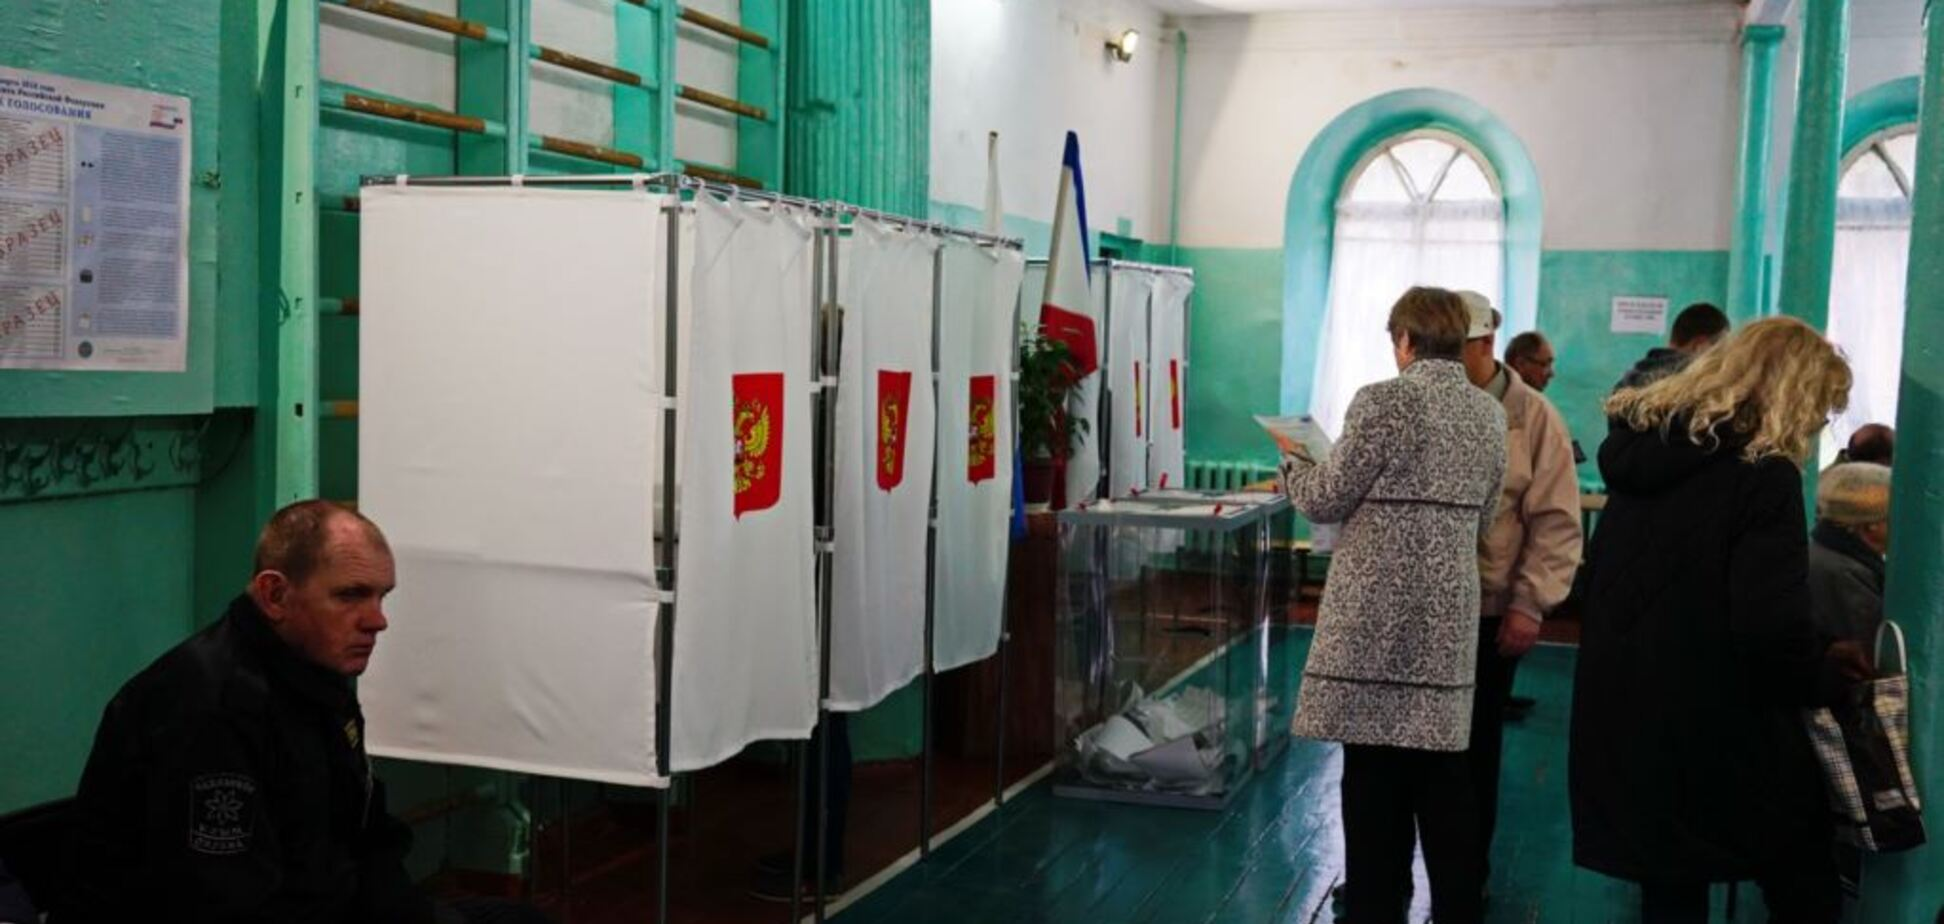 Вибори президента Росії в Криму: в Меджлісі спростували перемогу Путіна